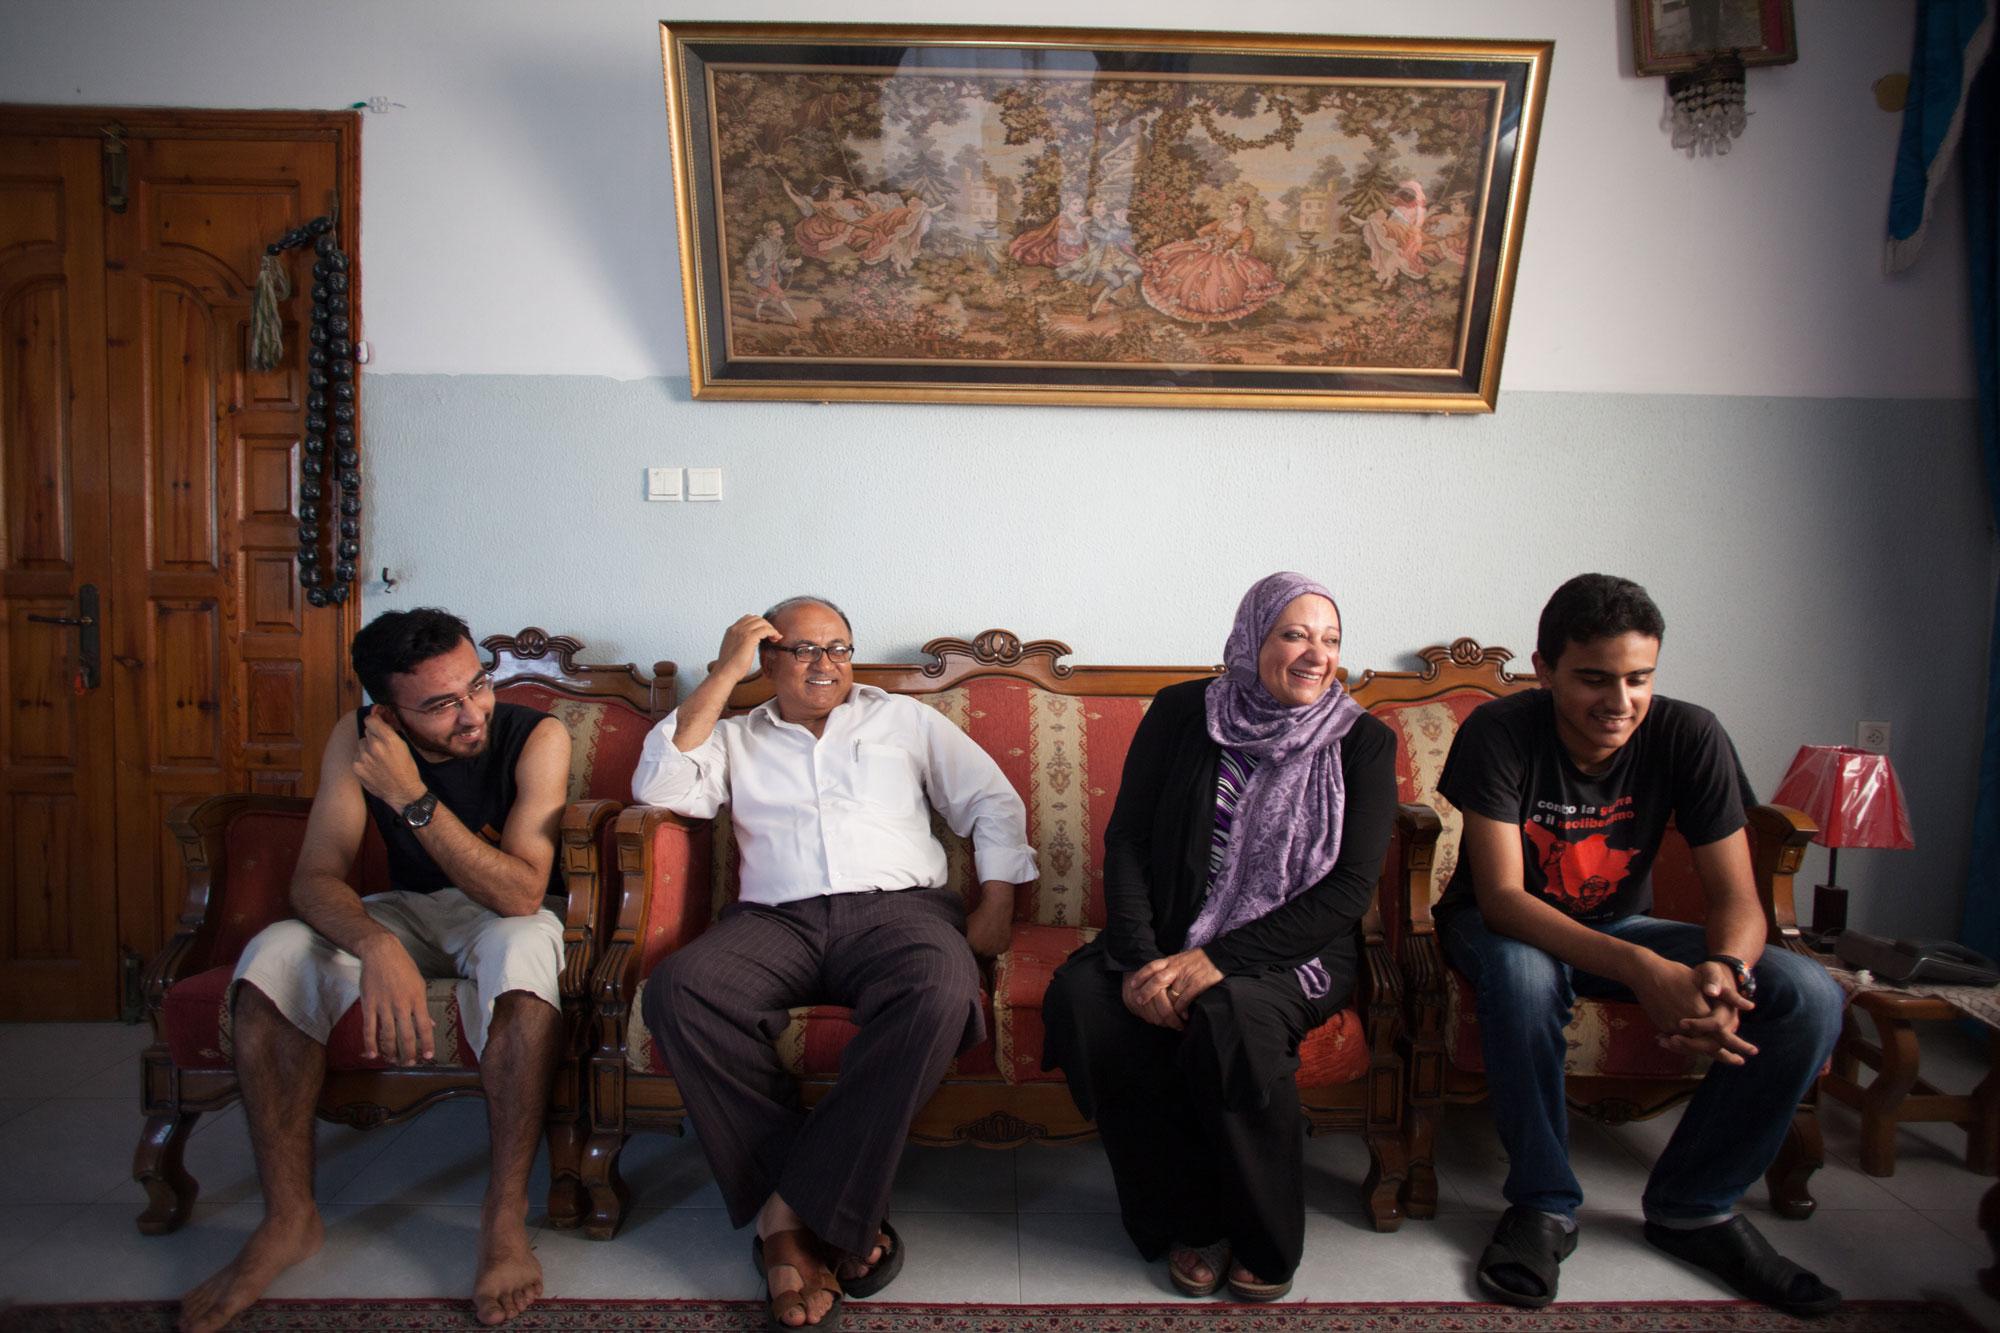 נאסר וסלוה יאגי עם שניים מילדיהם, רצועת עזה. צילום: אימאן מוחמד